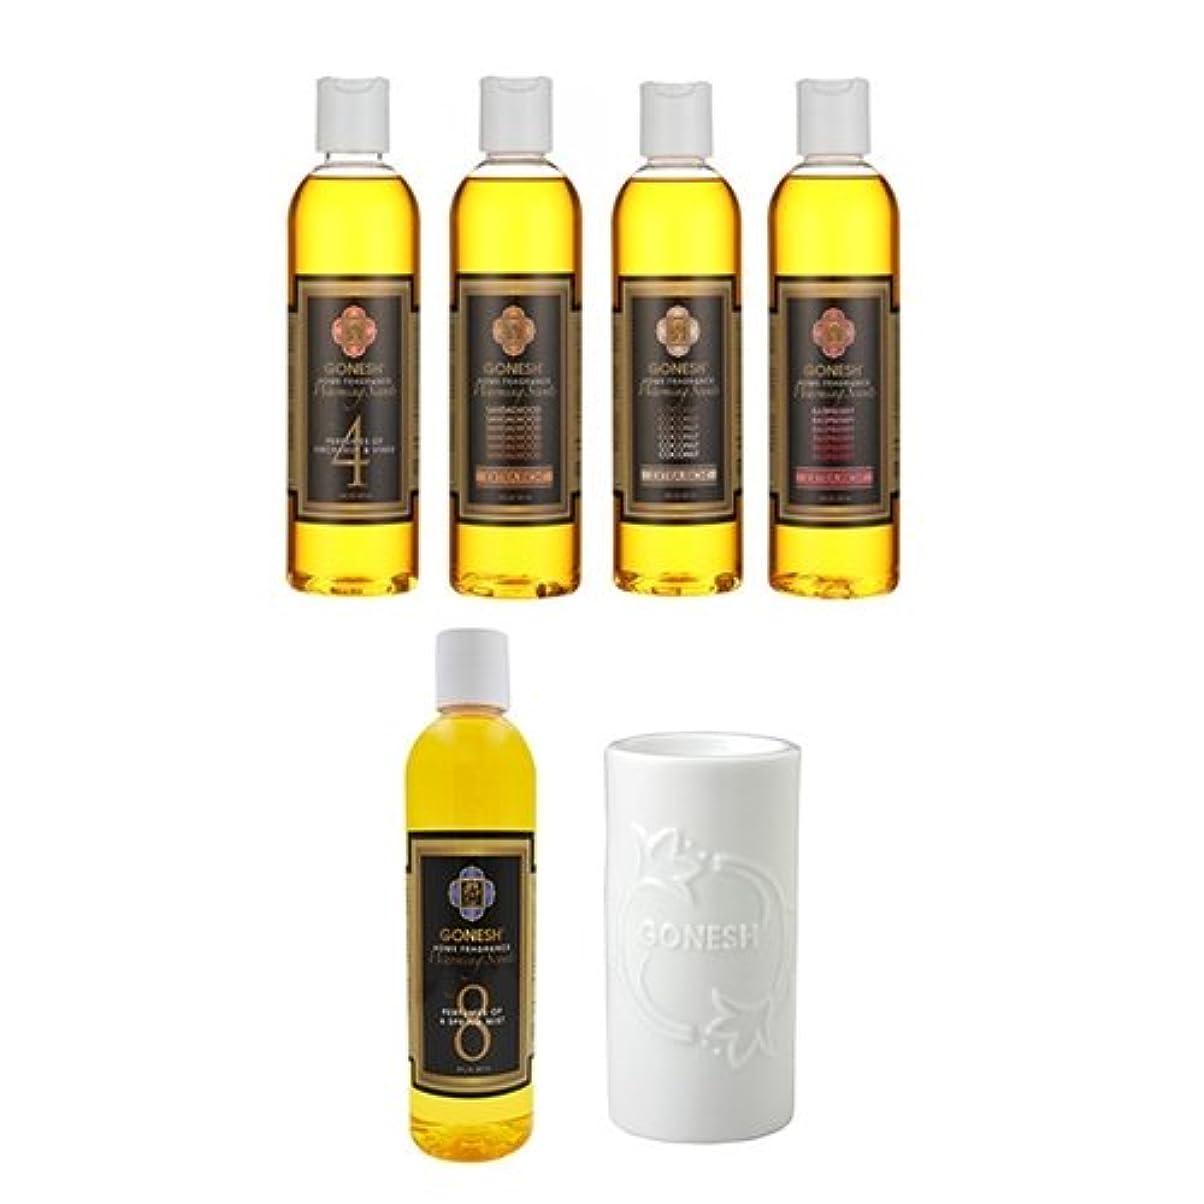 ショップ落ち着いた些細なガーネッシュ GONESH ウォーミングセント5つ(No.4、8、COCONUT、RASPBERRY、SANDALWOOD) の香りが楽しめるアロマバーナーセット 日本国内正規品